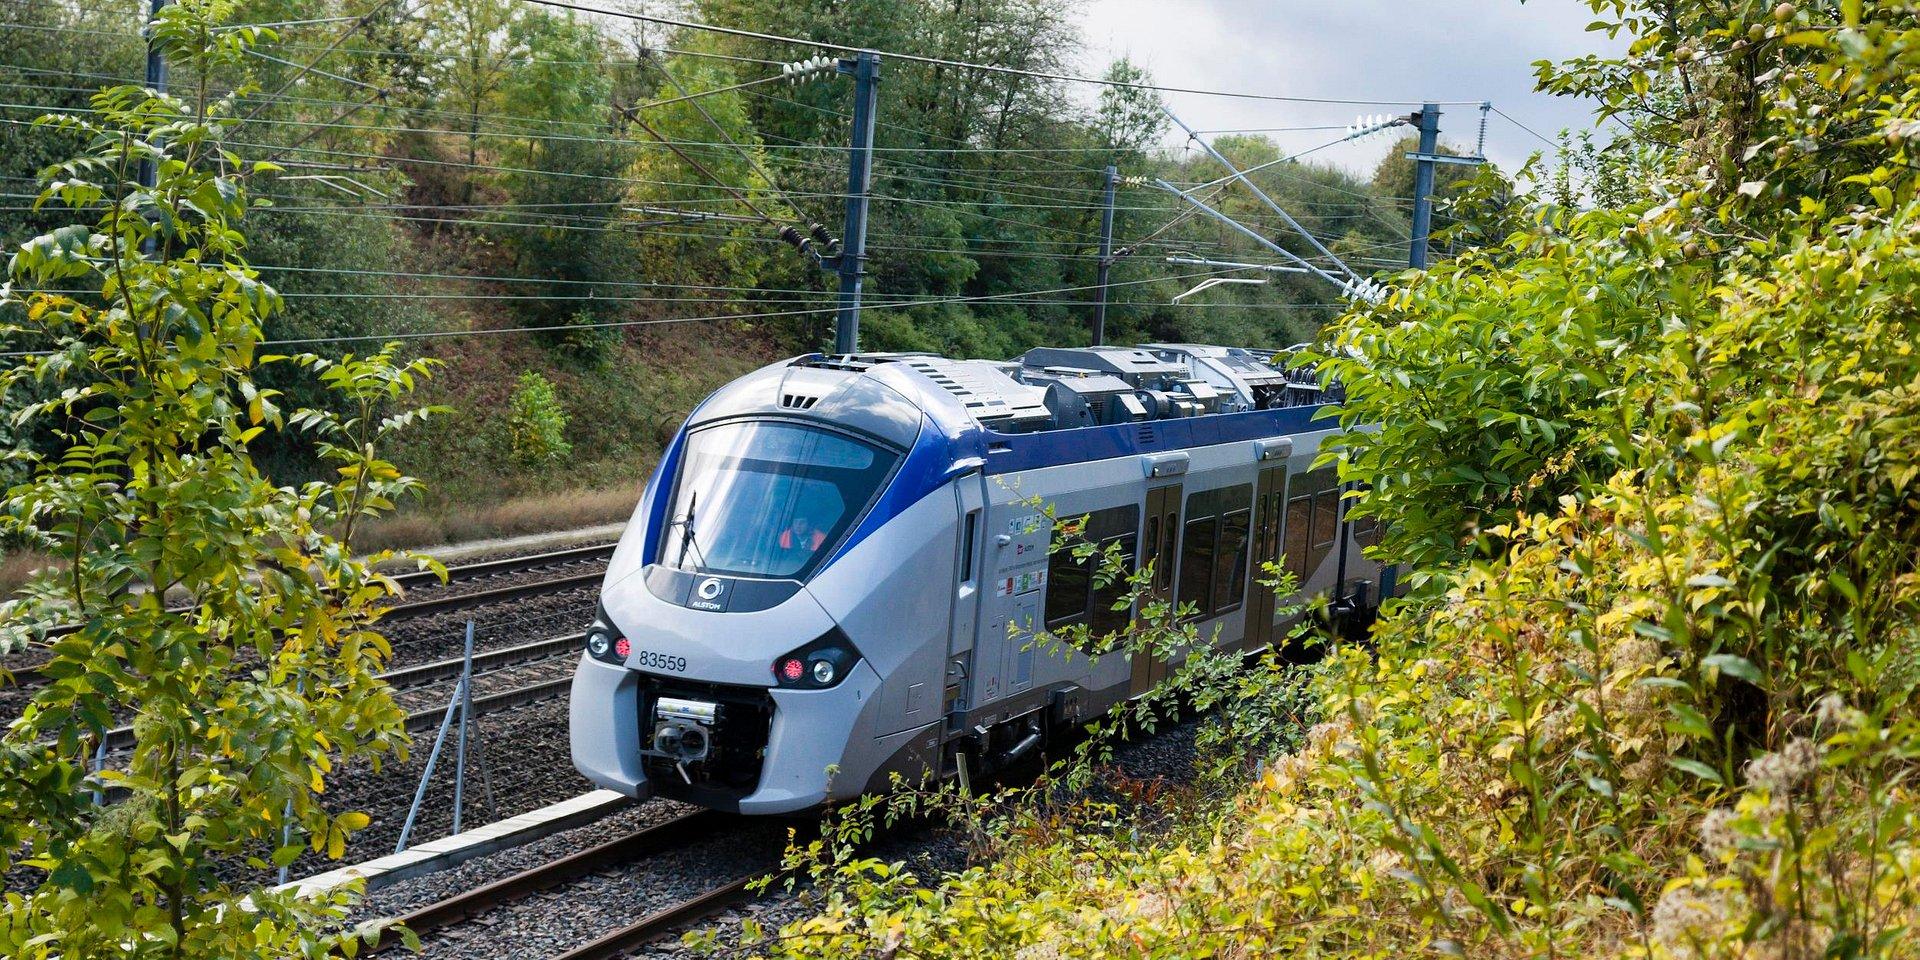 Alstom dostarczy 16 dodatkowych pociągów Coradia Polyvalent do regionu Bourgogne-Franche-Comté